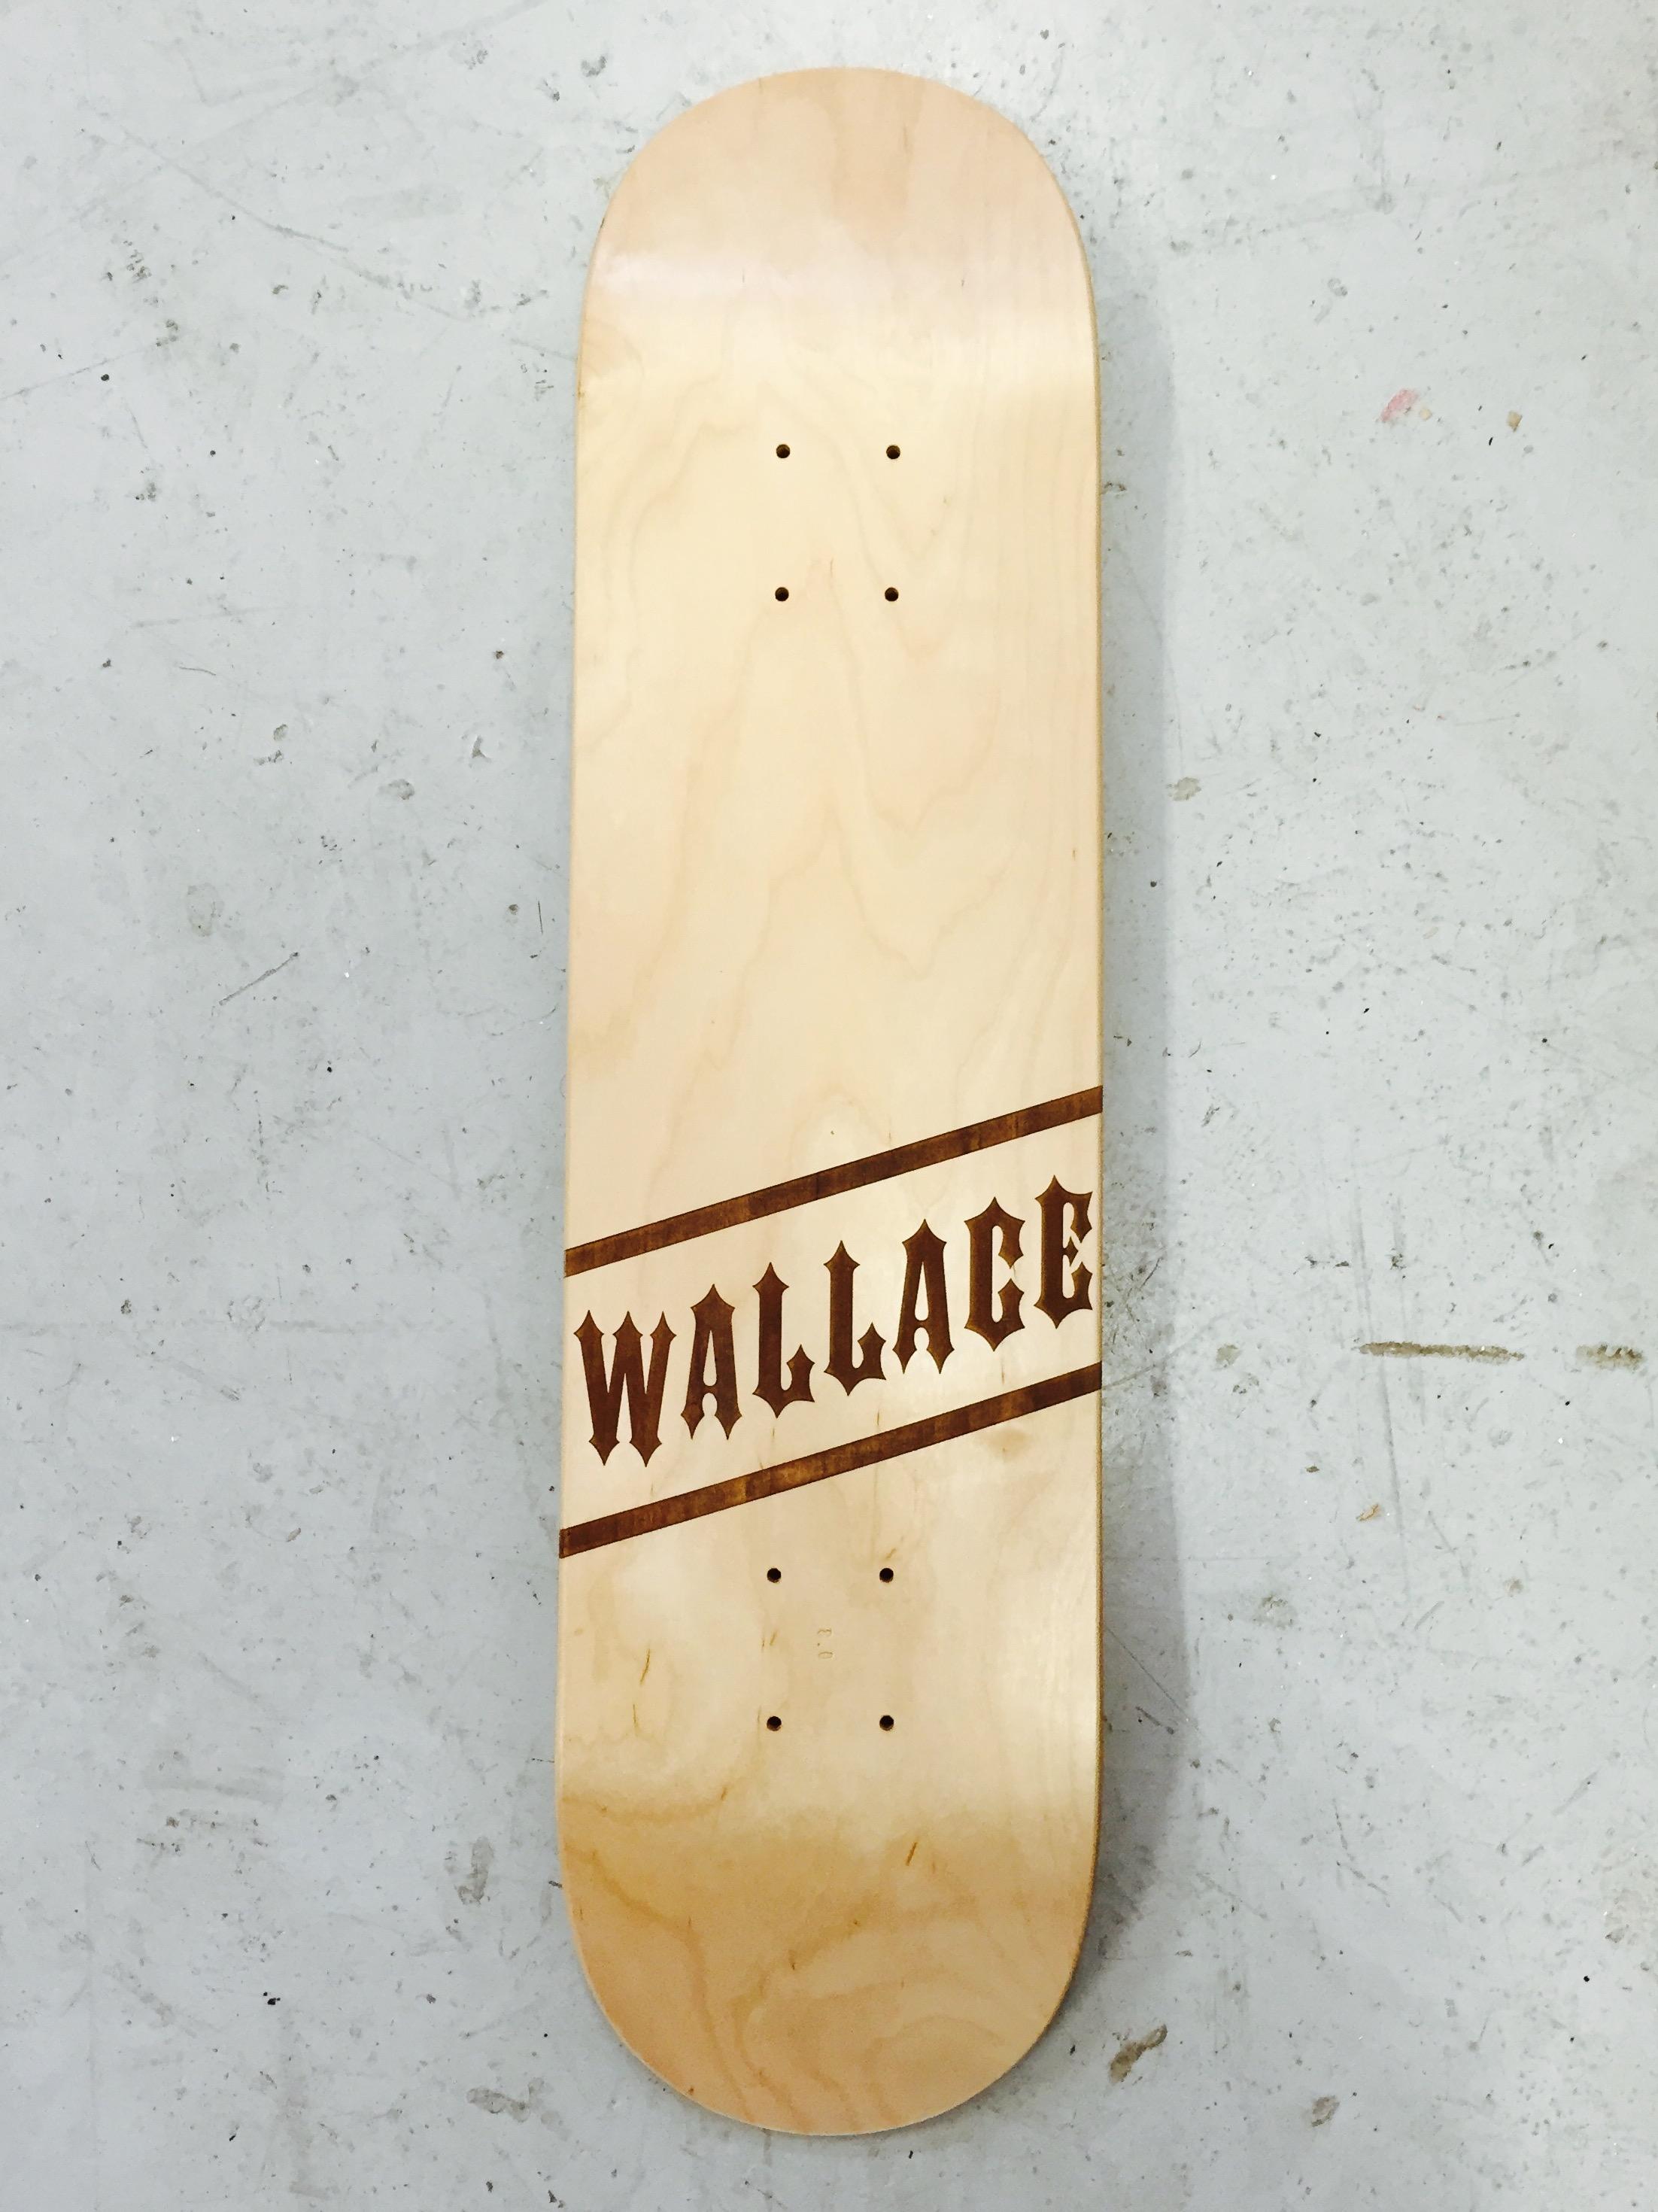 SAM WALLACE